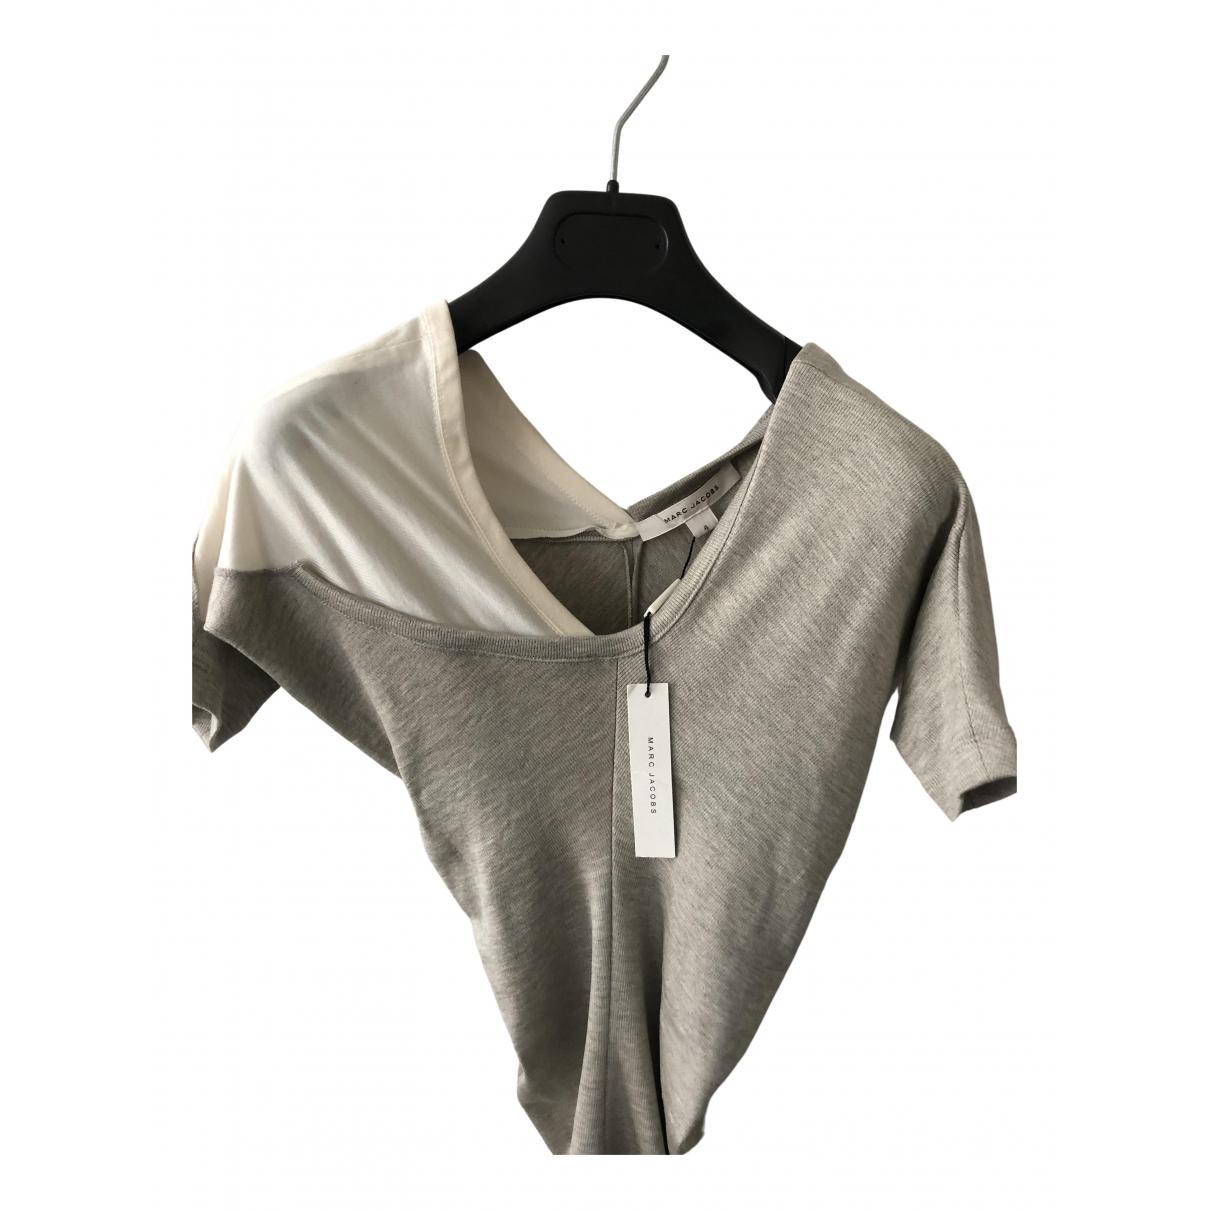 Marc Jacobs - Top   pour femme en soie - beige